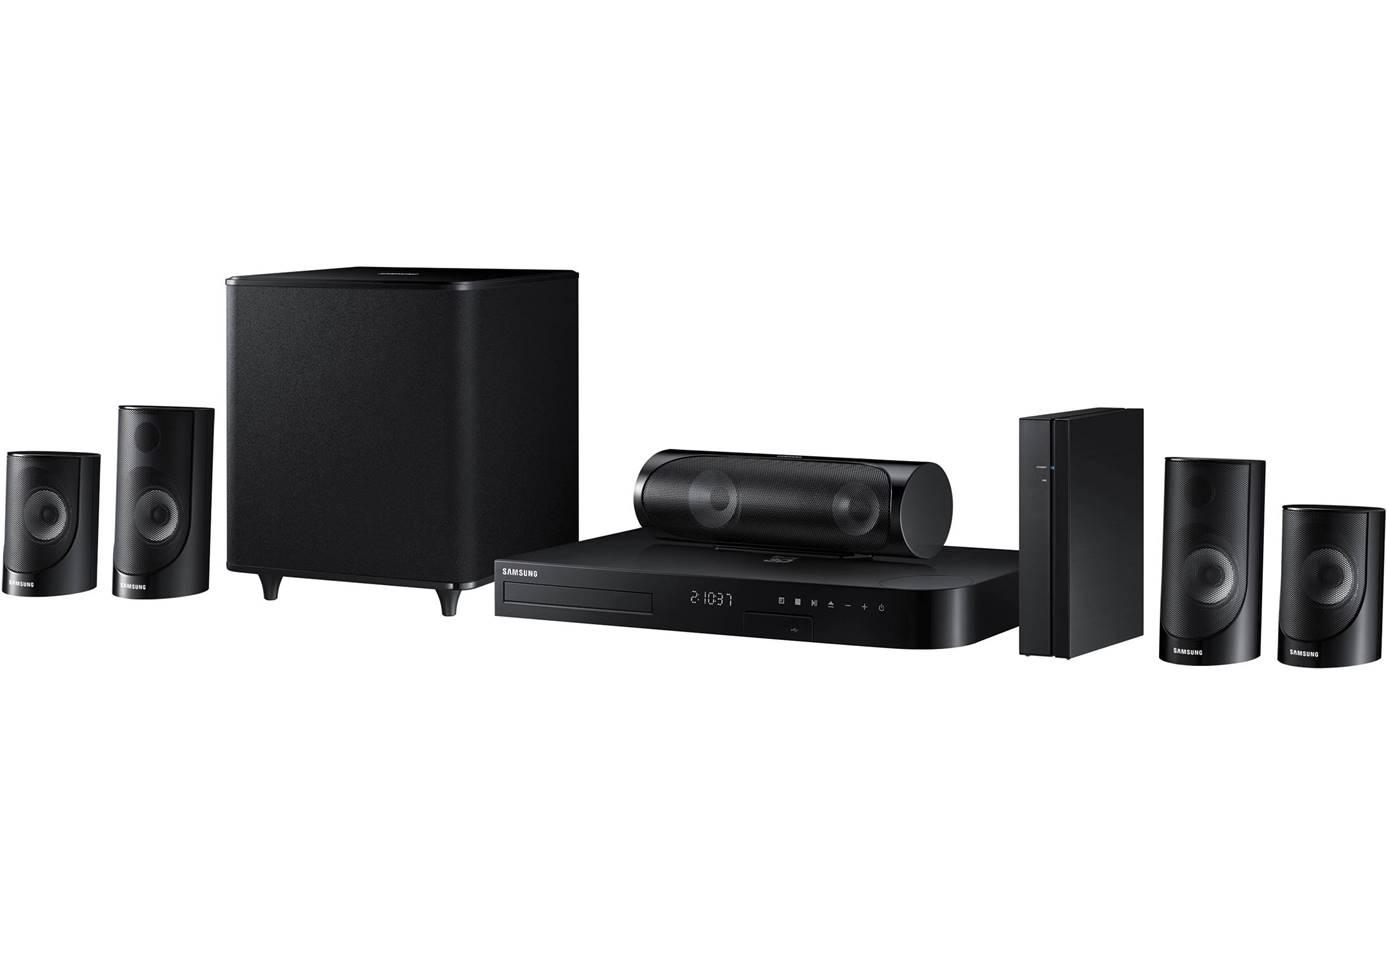 Samsung HT-J5500W Wireless Surround Sound Speakers